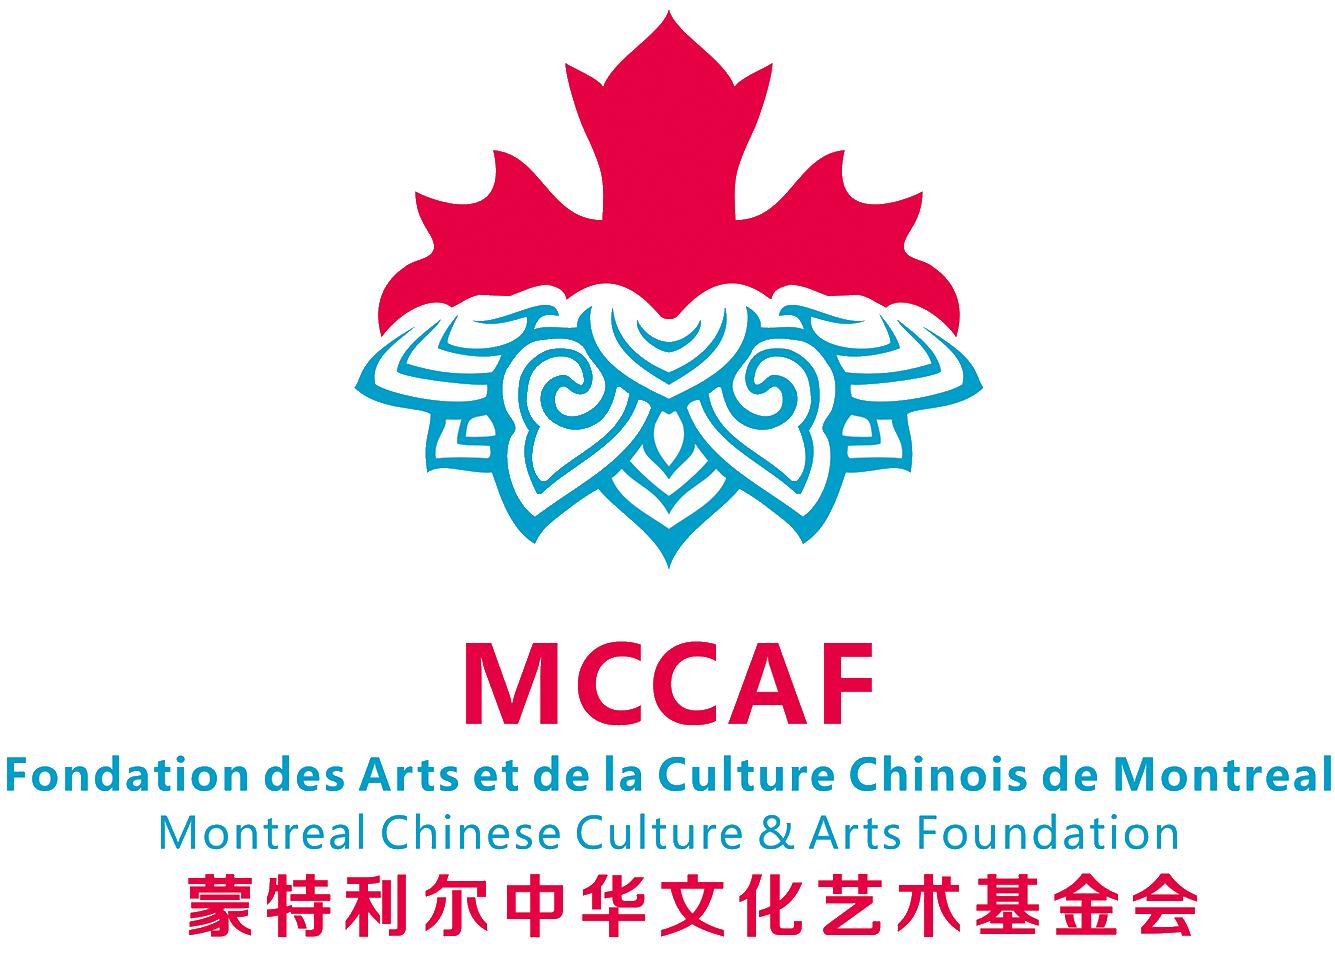 mccaf